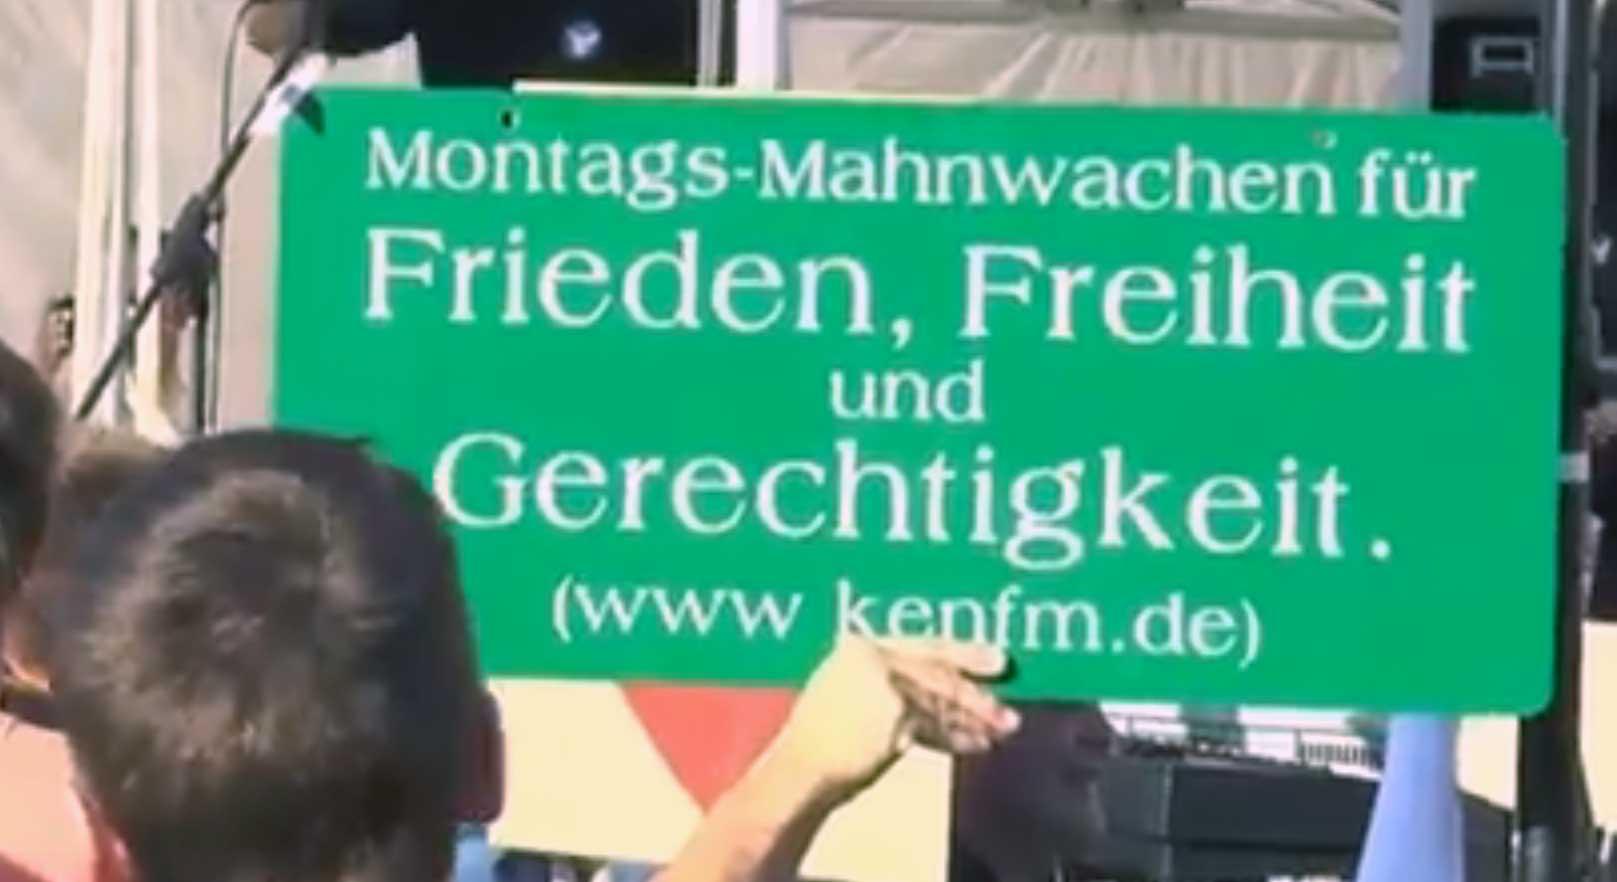 Banner auf der Montagsdemo mit KenFM-Link